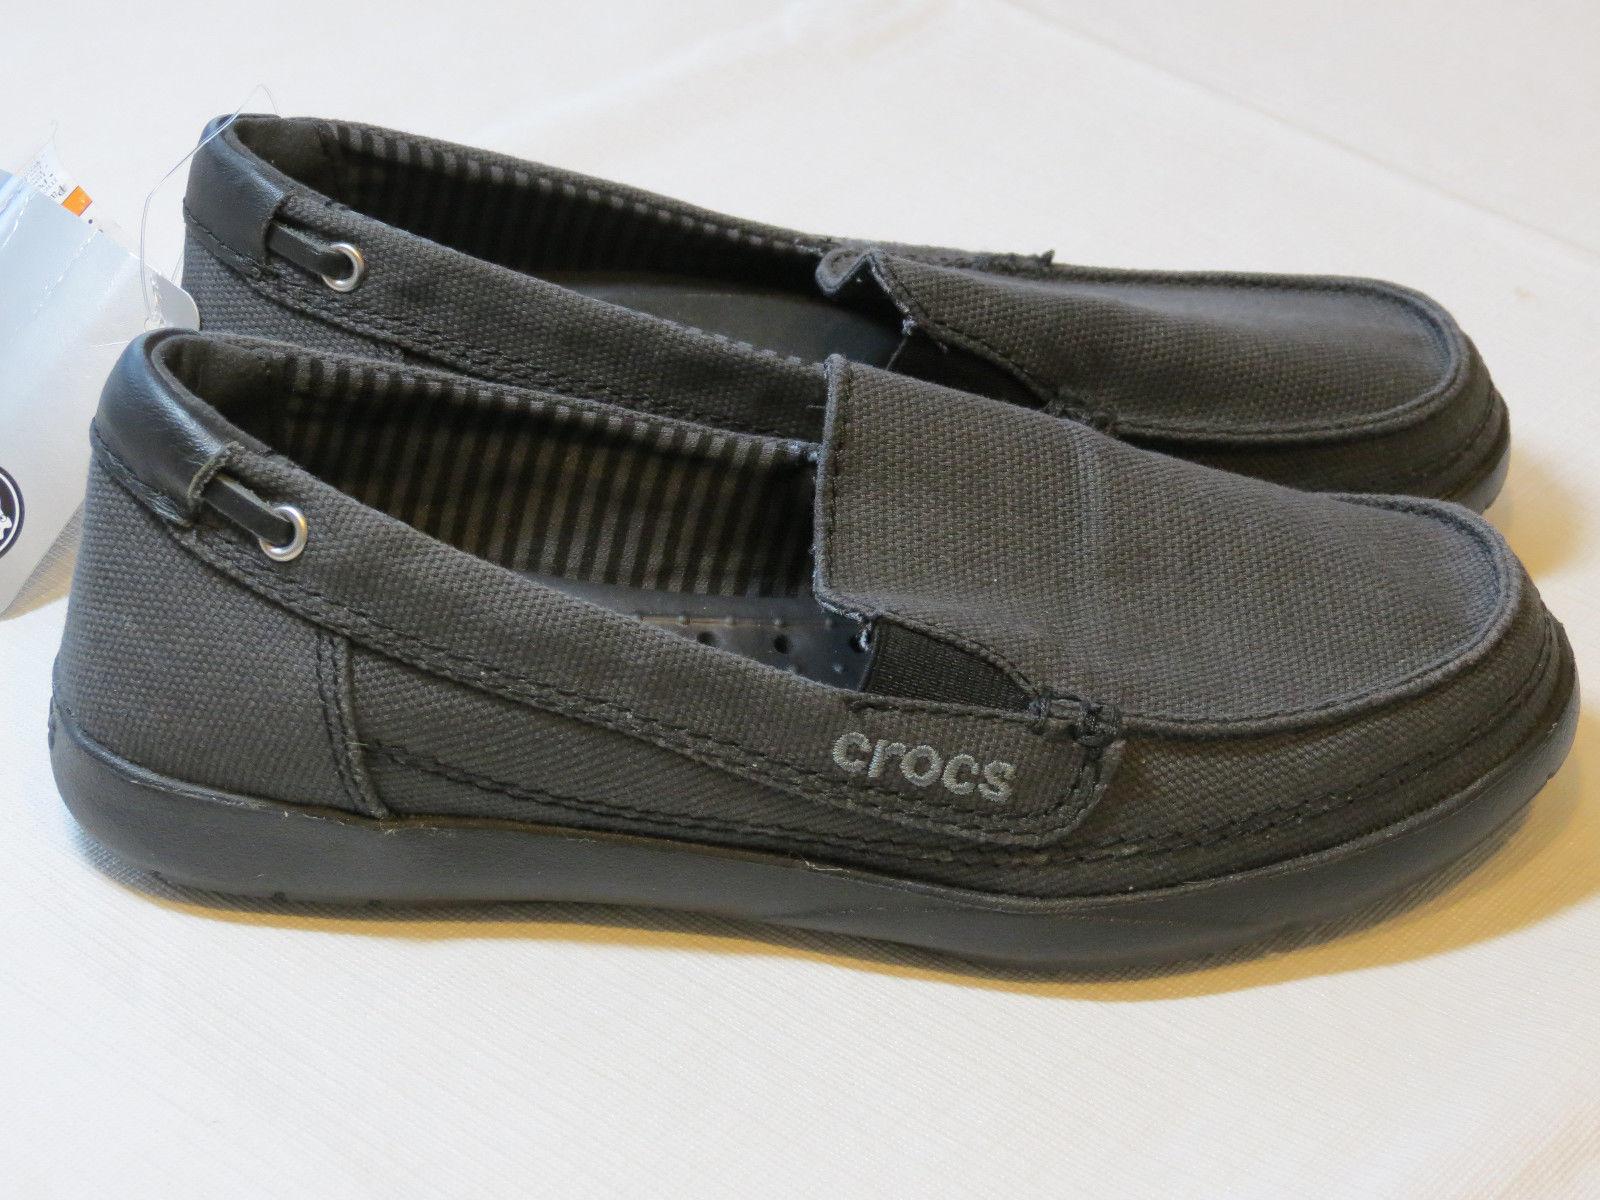 Womens crocs standard fit Walu canvas loafer slide shoe W 6 W6 boat black - $59.39